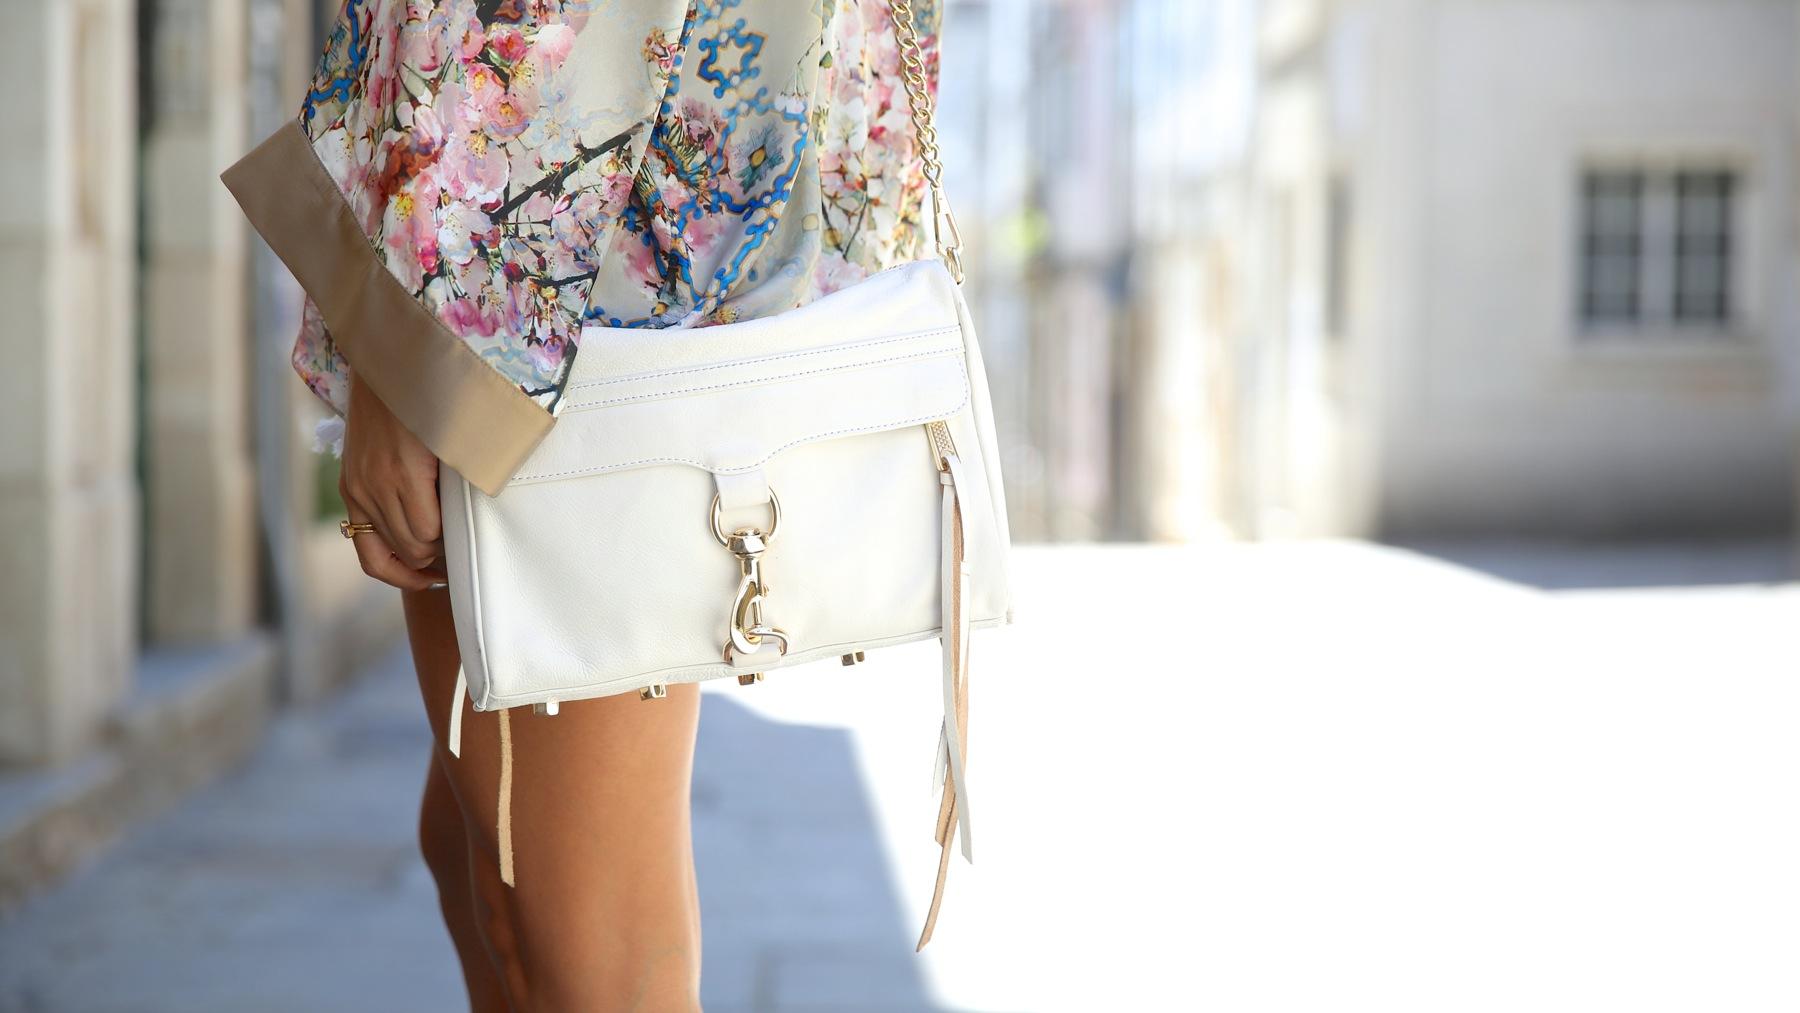 trendy_taste-look-outfit-street_style-ootd-blog-blogger-fashion_spain-moda_españa-kimono-white_sandals-sandalias_altas_plataformas-guess-denim_white_shorts-shorts_vaqueros_blancos-2